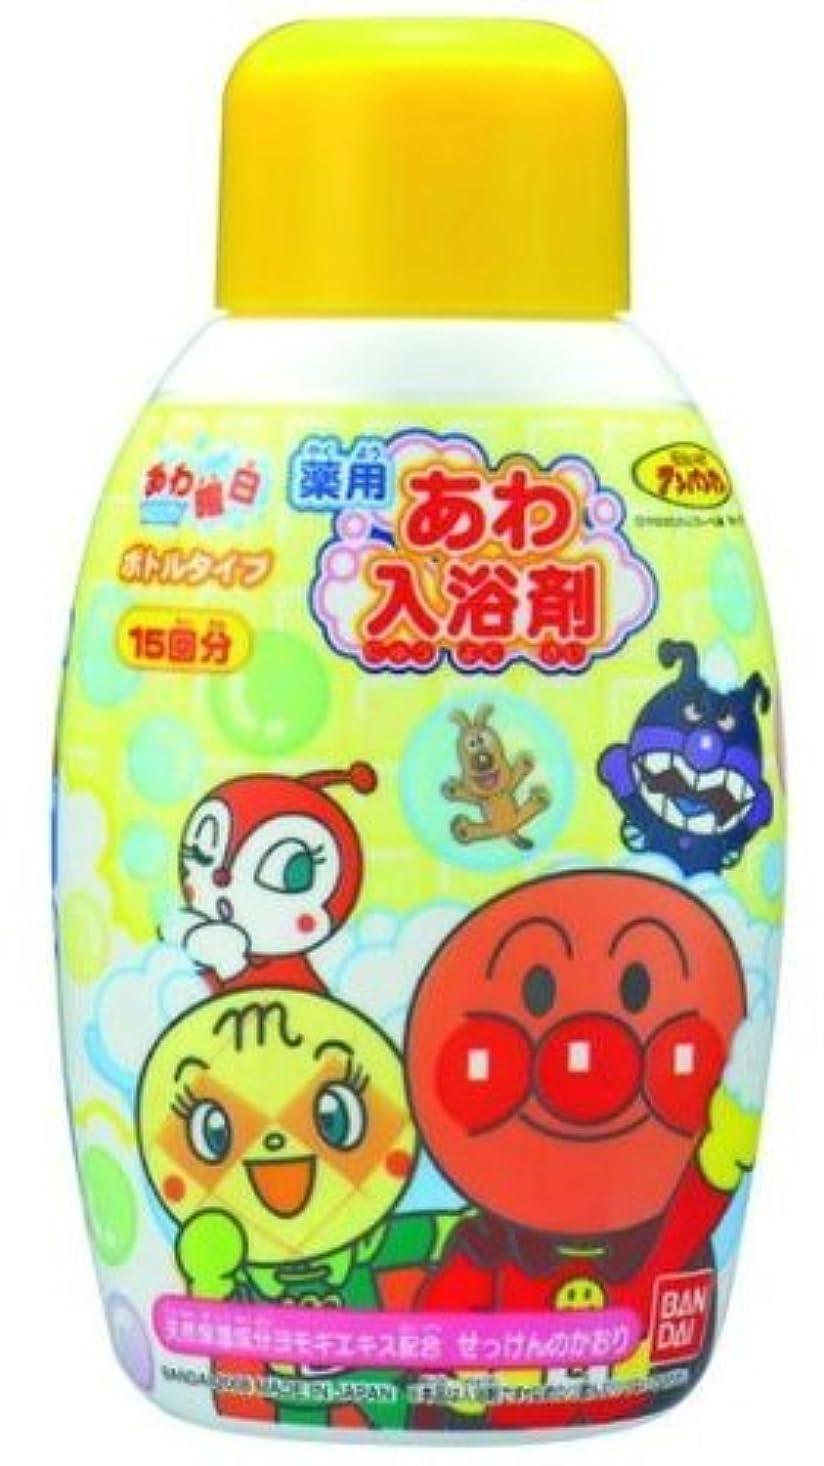 セーブ凍った書誌あわ入浴剤ボトルタイプ アンパンマン × 24個